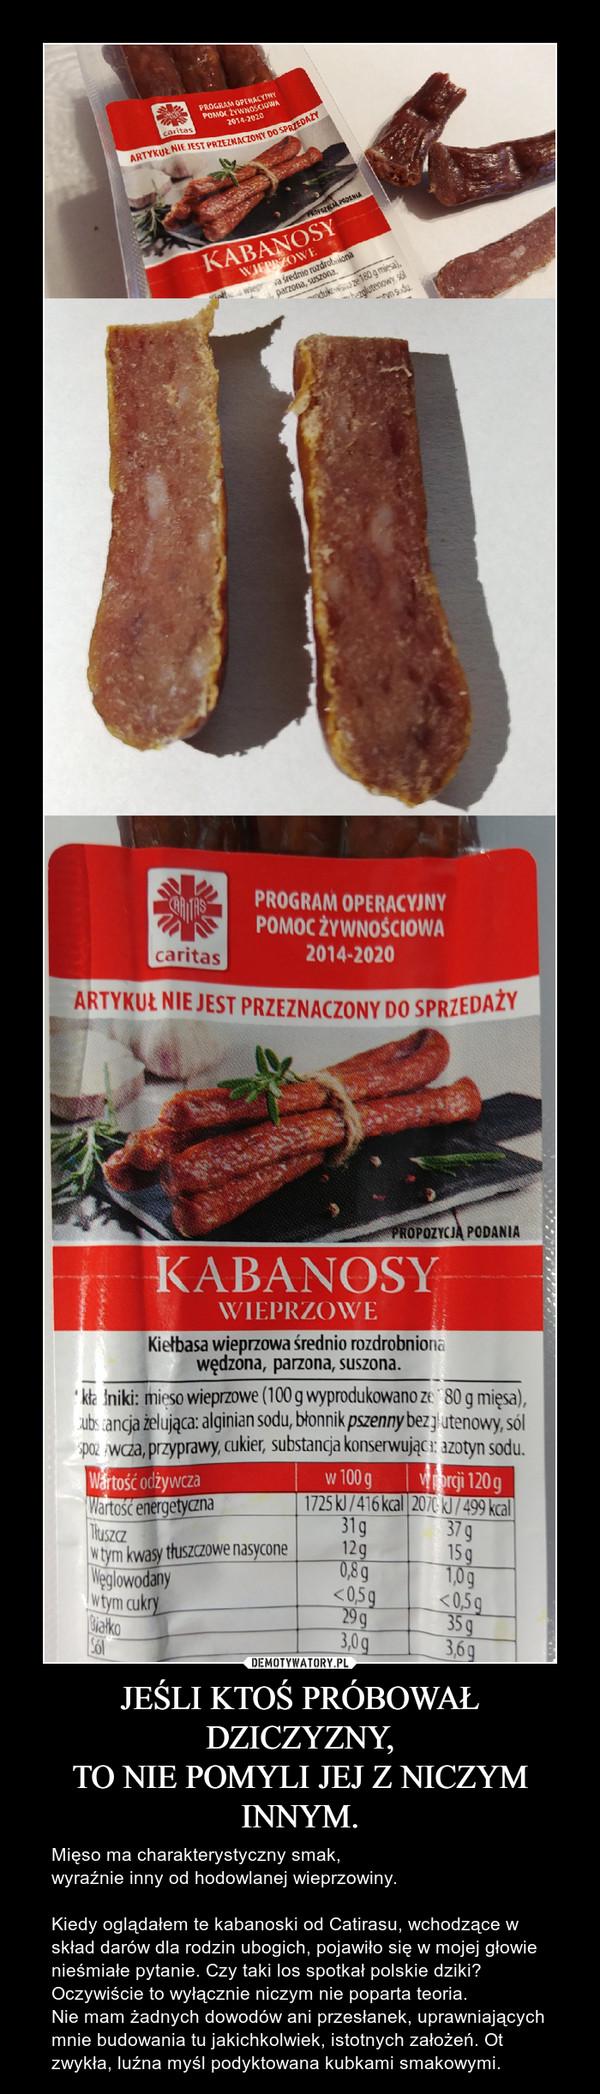 JEŚLI KTOŚ PRÓBOWAŁ DZICZYZNY,TO NIE POMYLI JEJ Z NICZYM INNYM. – Mięso ma charakterystyczny smak,wyraźnie inny od hodowlanej wieprzowiny.Kiedy oglądałem te kabanoski od Catirasu, wchodzące w skład darów dla rodzin ubogich, pojawiło się w mojej głowie nieśmiałe pytanie. Czy taki los spotkał polskie dziki? Oczywiście to wyłącznie niczym nie poparta teoria. Nie mam żadnych dowodów ani przesłanek, uprawniających mnie budowania tu jakichkolwiek, istotnych założeń. Ot zwykła, luźna myśl podyktowana kubkami smakowymi.